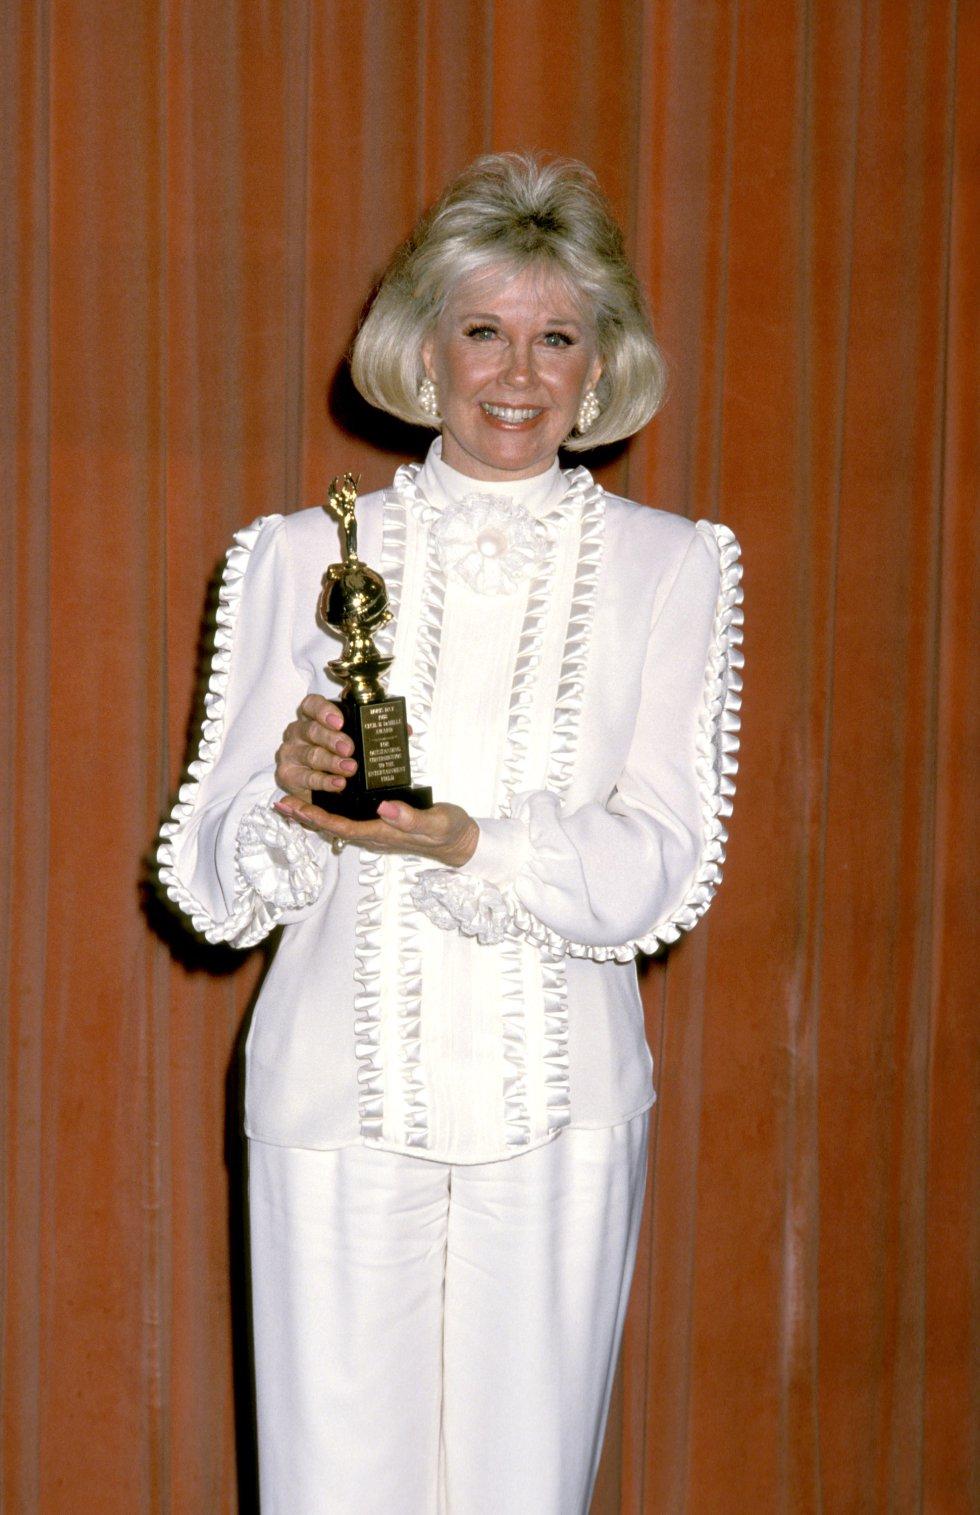 Doris Day, durante la 46ª entrega anual de los premios Golden Globe Awards, en el Beverly Hilton Hotel, en Beverly Hills, California, en 1989.